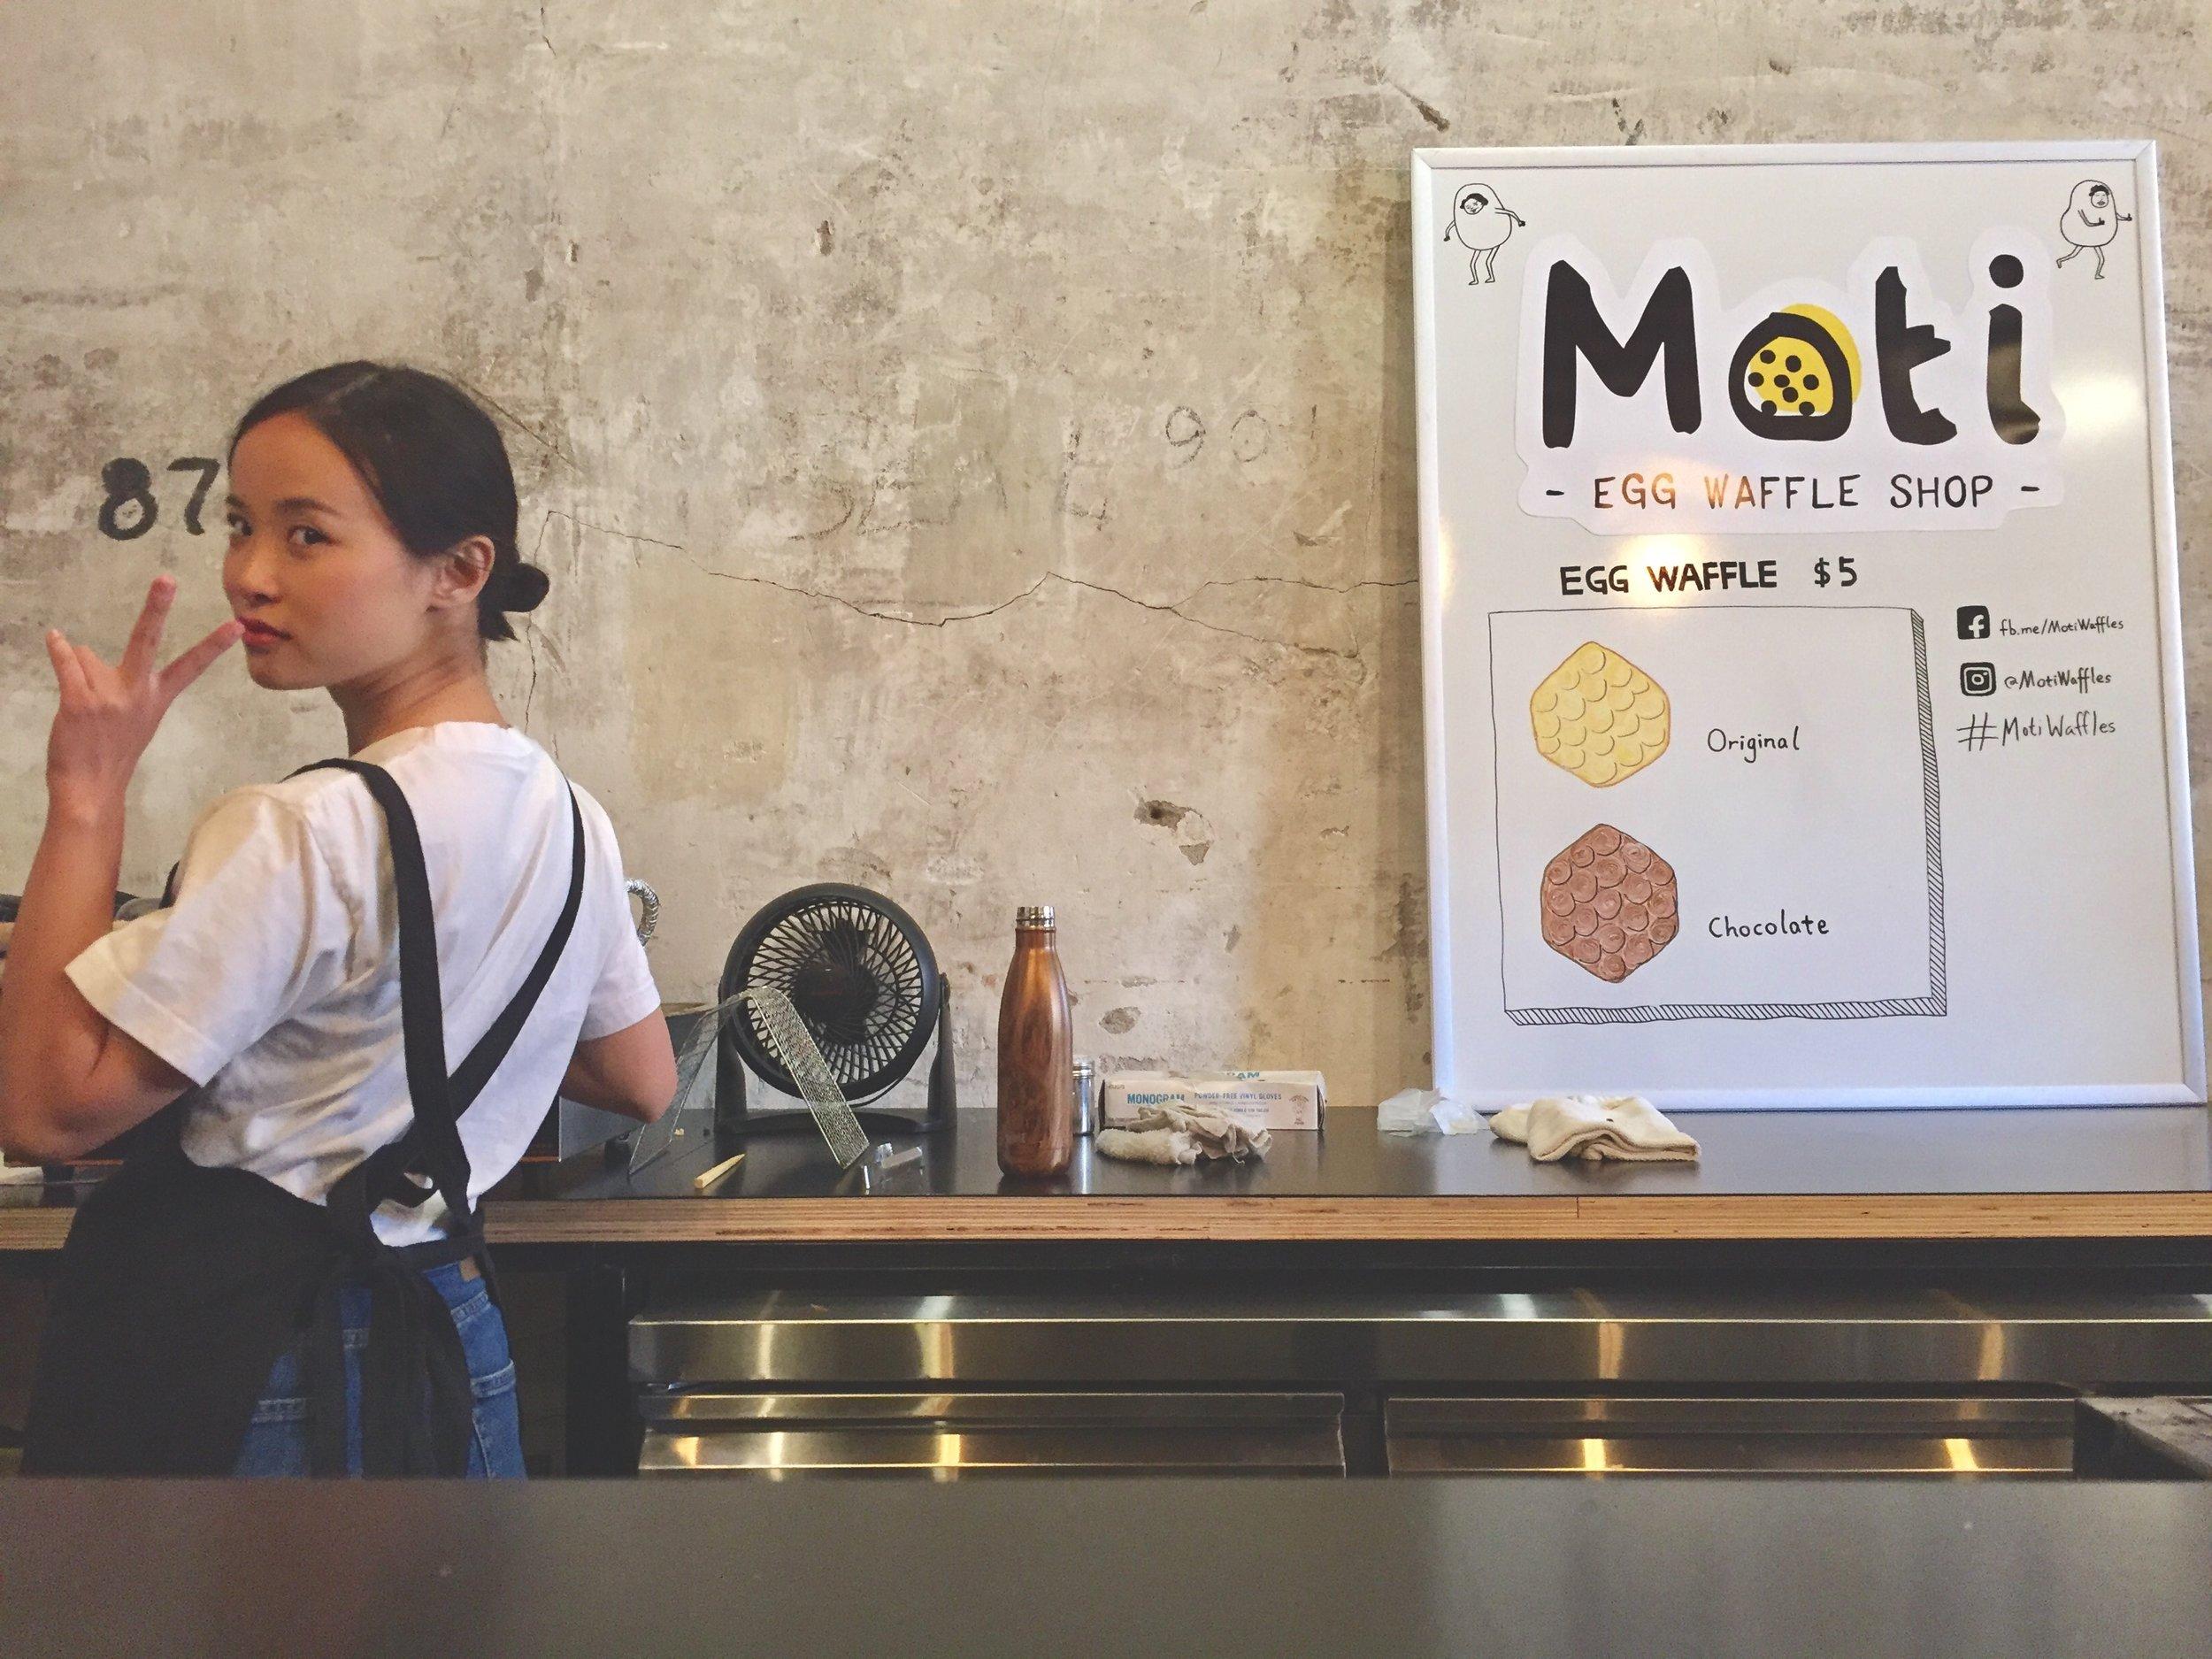 Moti Egg Waffle Shop. Photo courtesy of Phillip Wolff